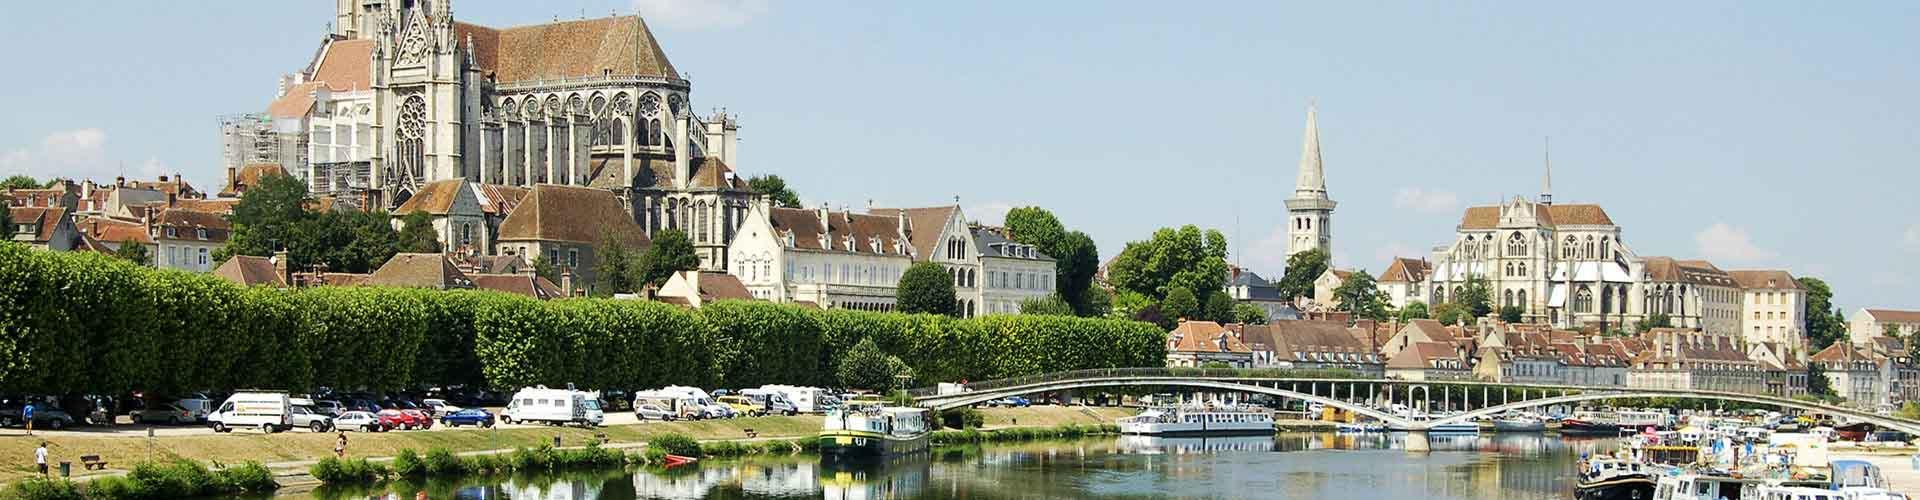 Auxerre - Hostales en Auxerre. Mapas de Auxerre, Fotos y Comentarios para cada hostal en Auxerre.